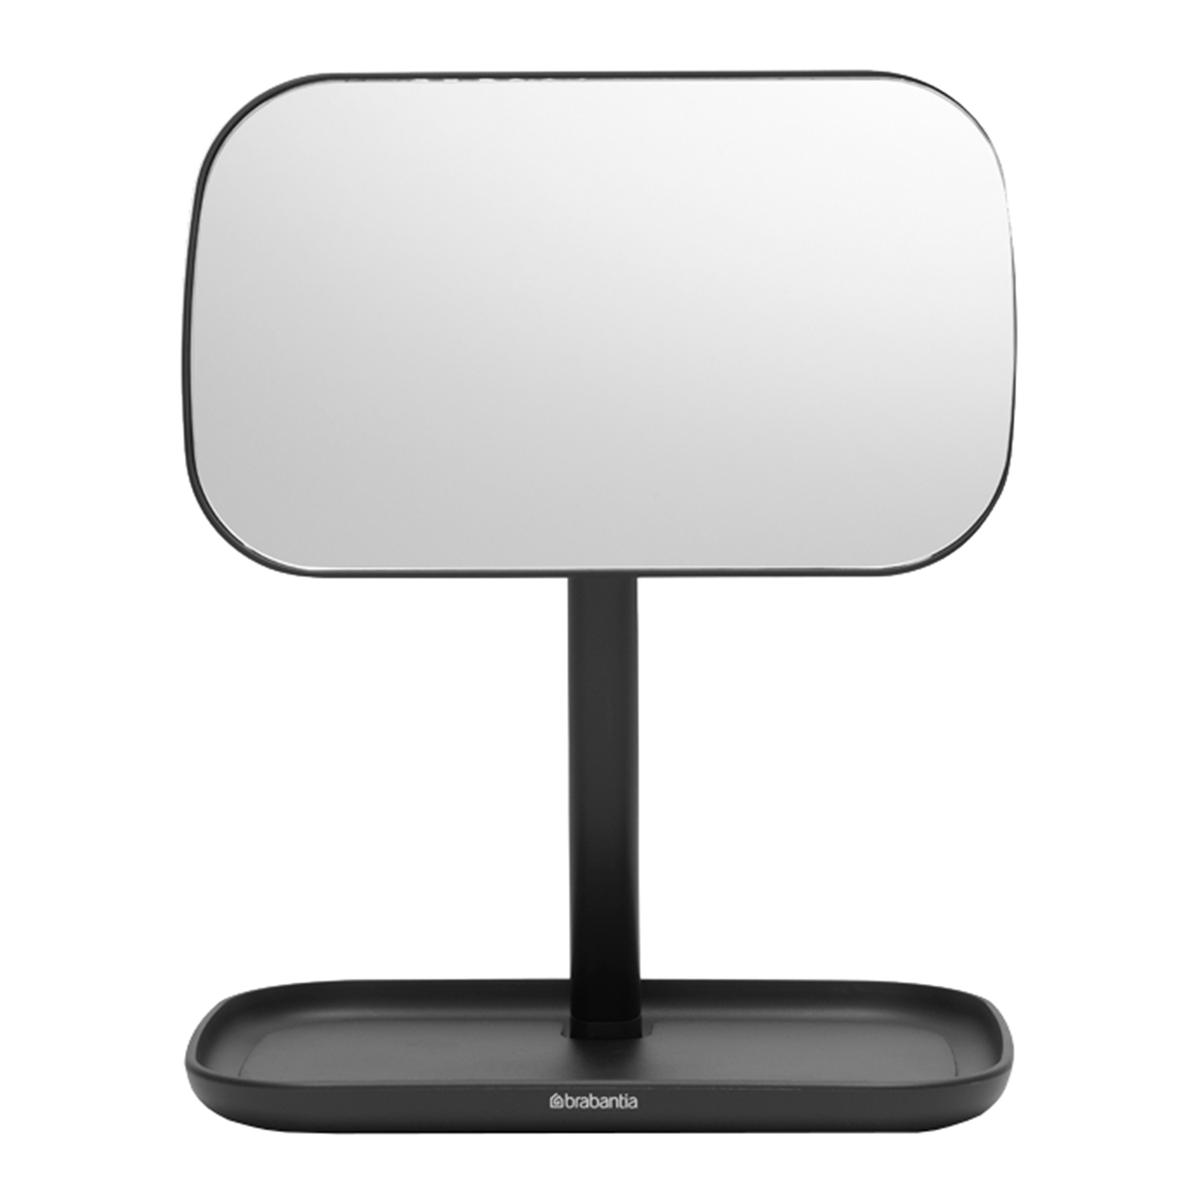 Brabantia ReNew mirror with storage tray, dark grey